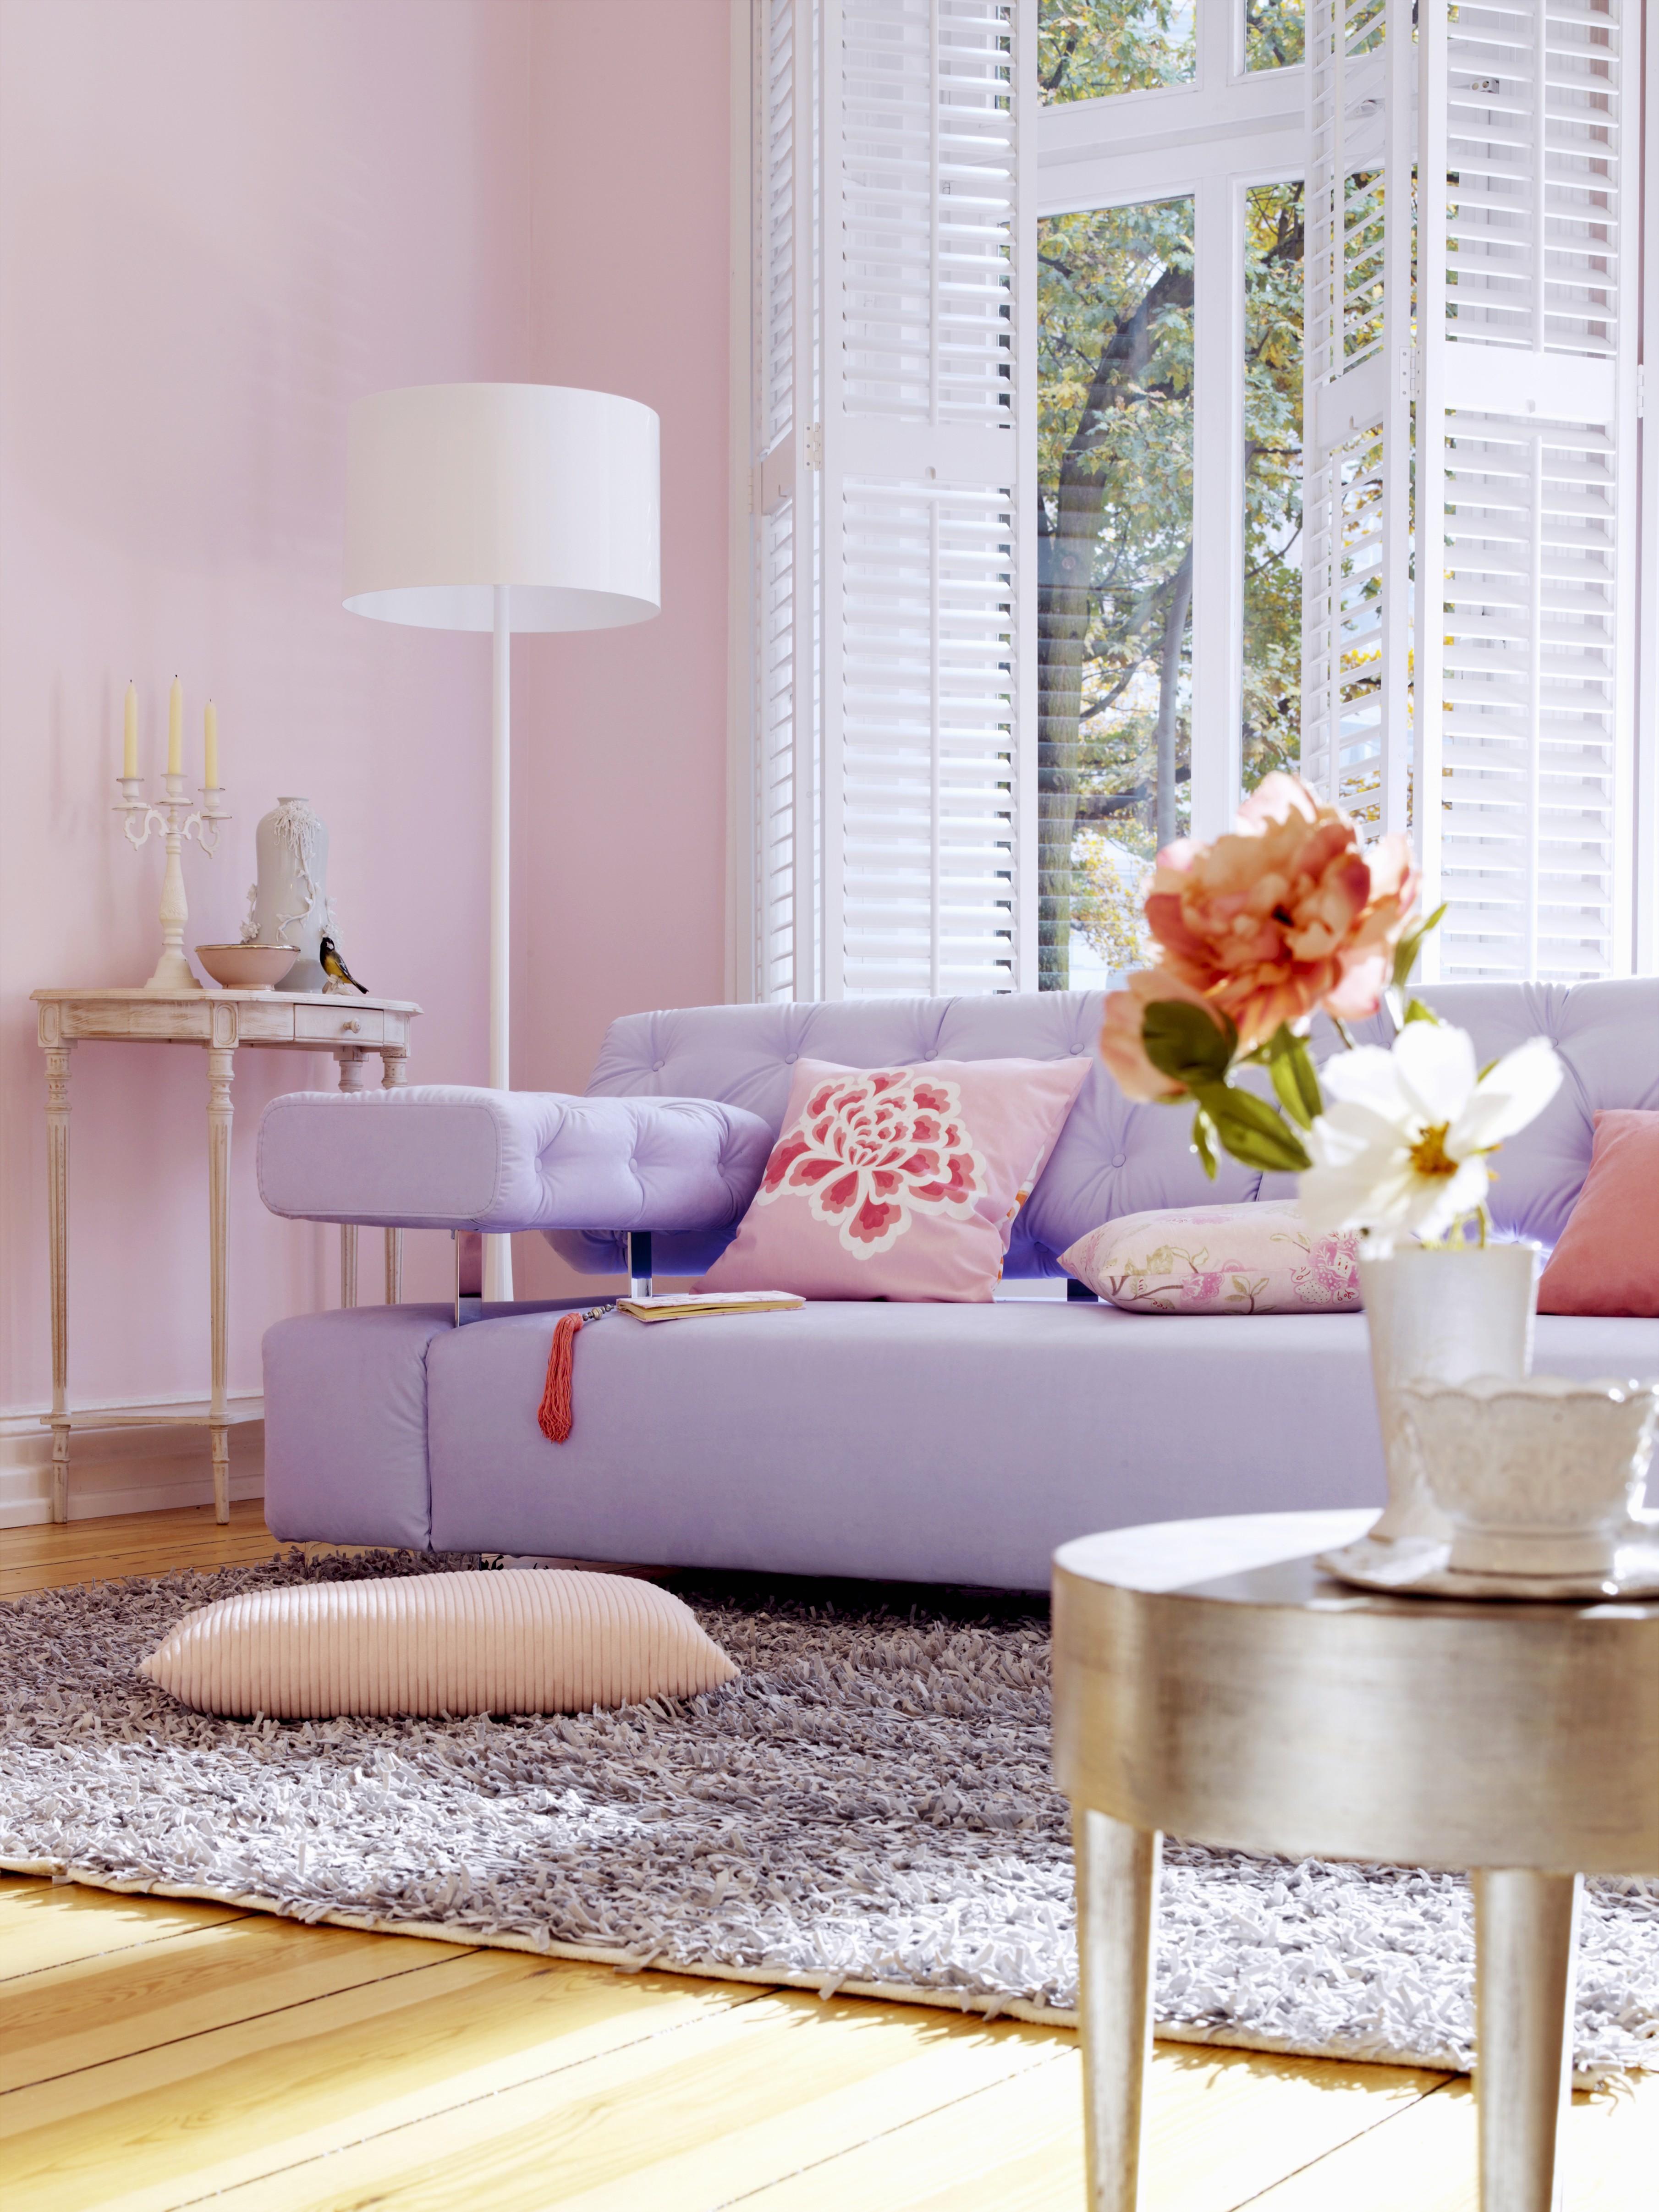 Fliederfarbenes Sofa und Beistelltisch mit Blattsilber im Wohnzimmer mit rosa Wänden